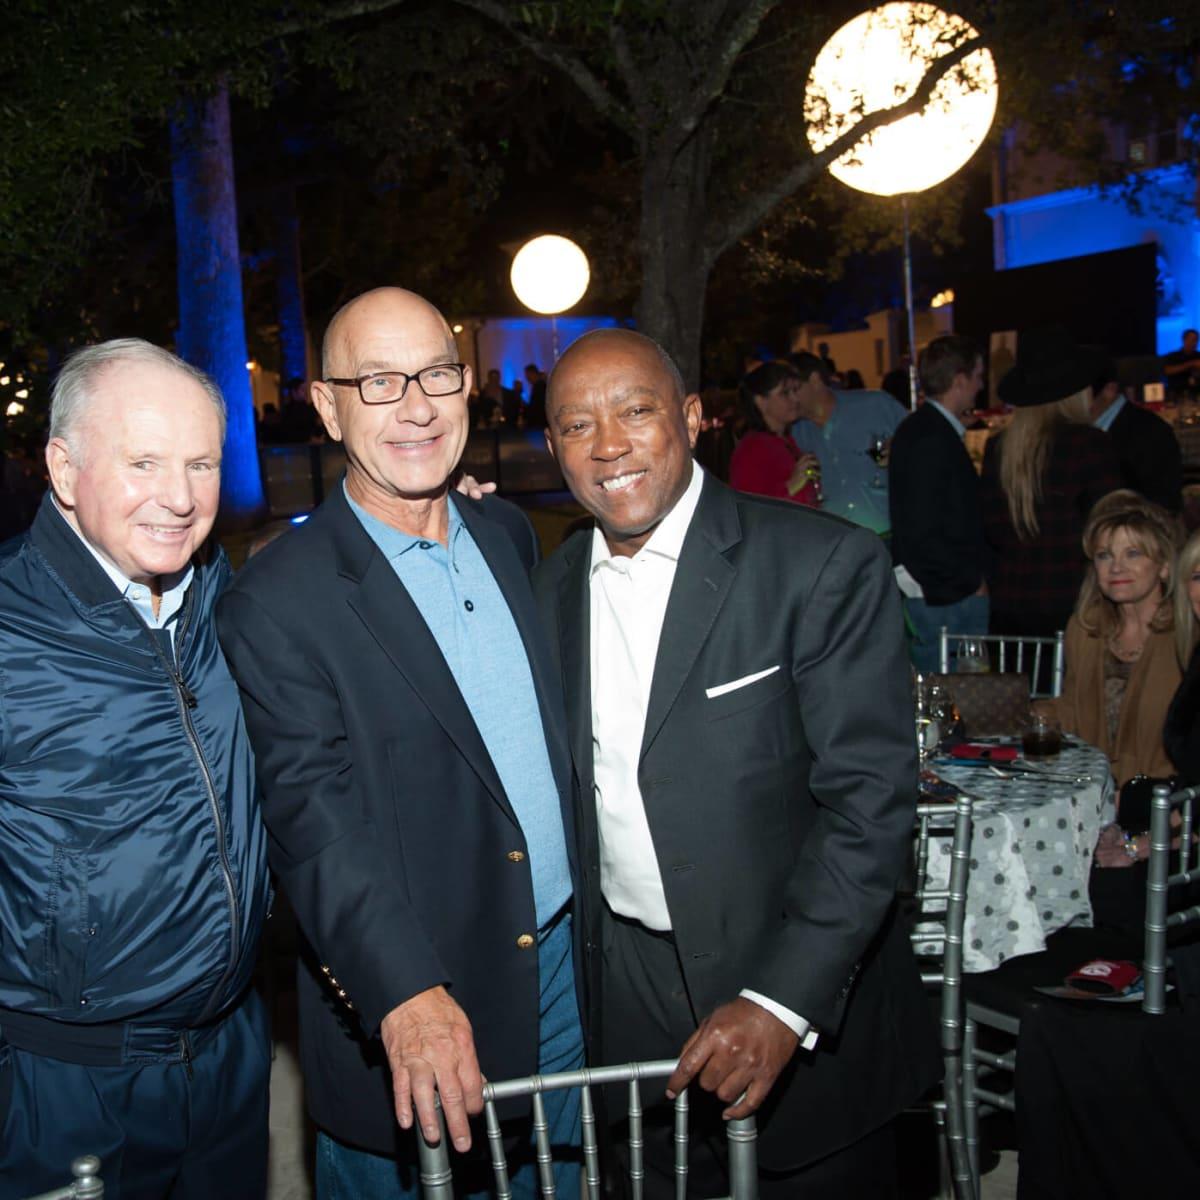 Houston, HPD True Blue Gala, Oct. 2016, Don Sanders, Senator John Whitmire, Mayor Sylvester Turner